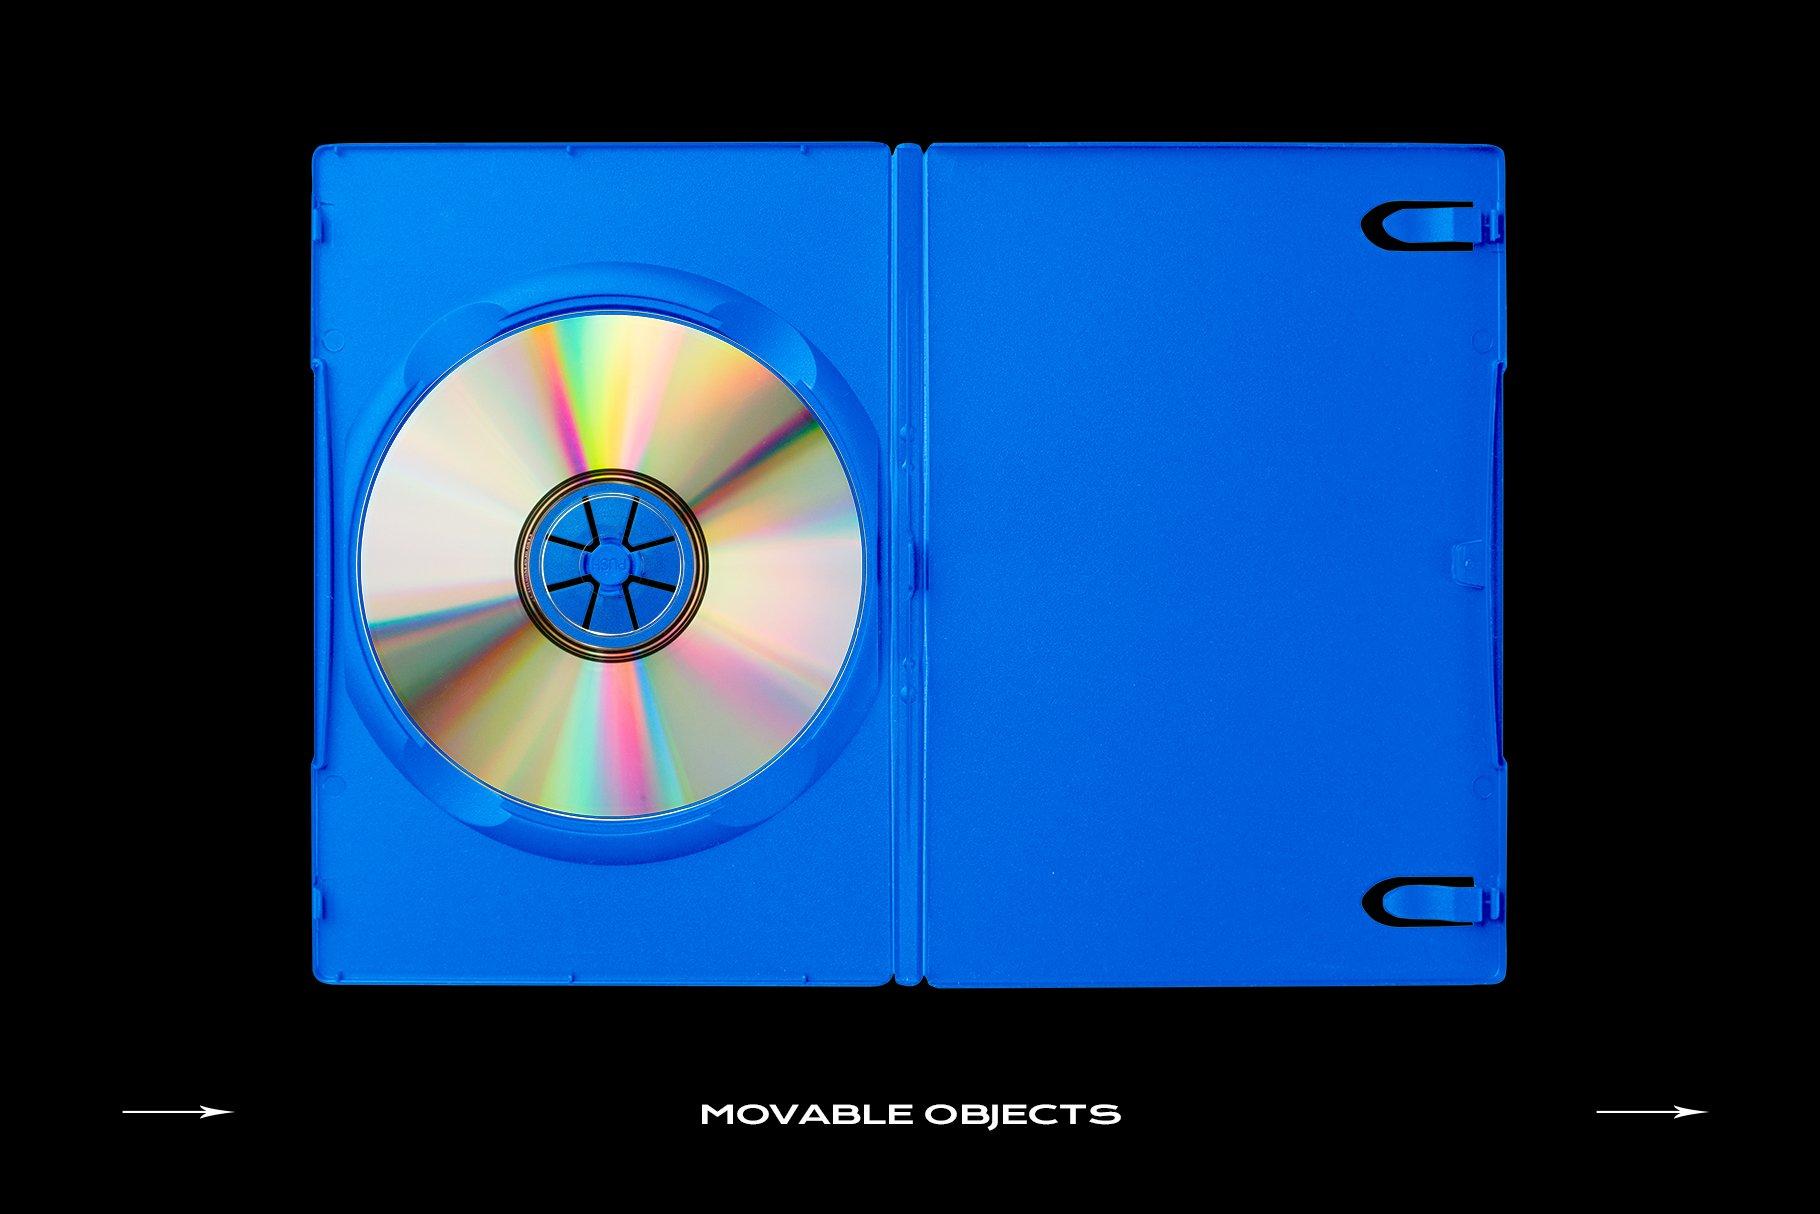 [淘宝购买] 60个DVD光盘包装盒塑料袋塑料膜贴纸样机PS设计素材 DVD Case Mockup Template Bundle Disc插图(3)